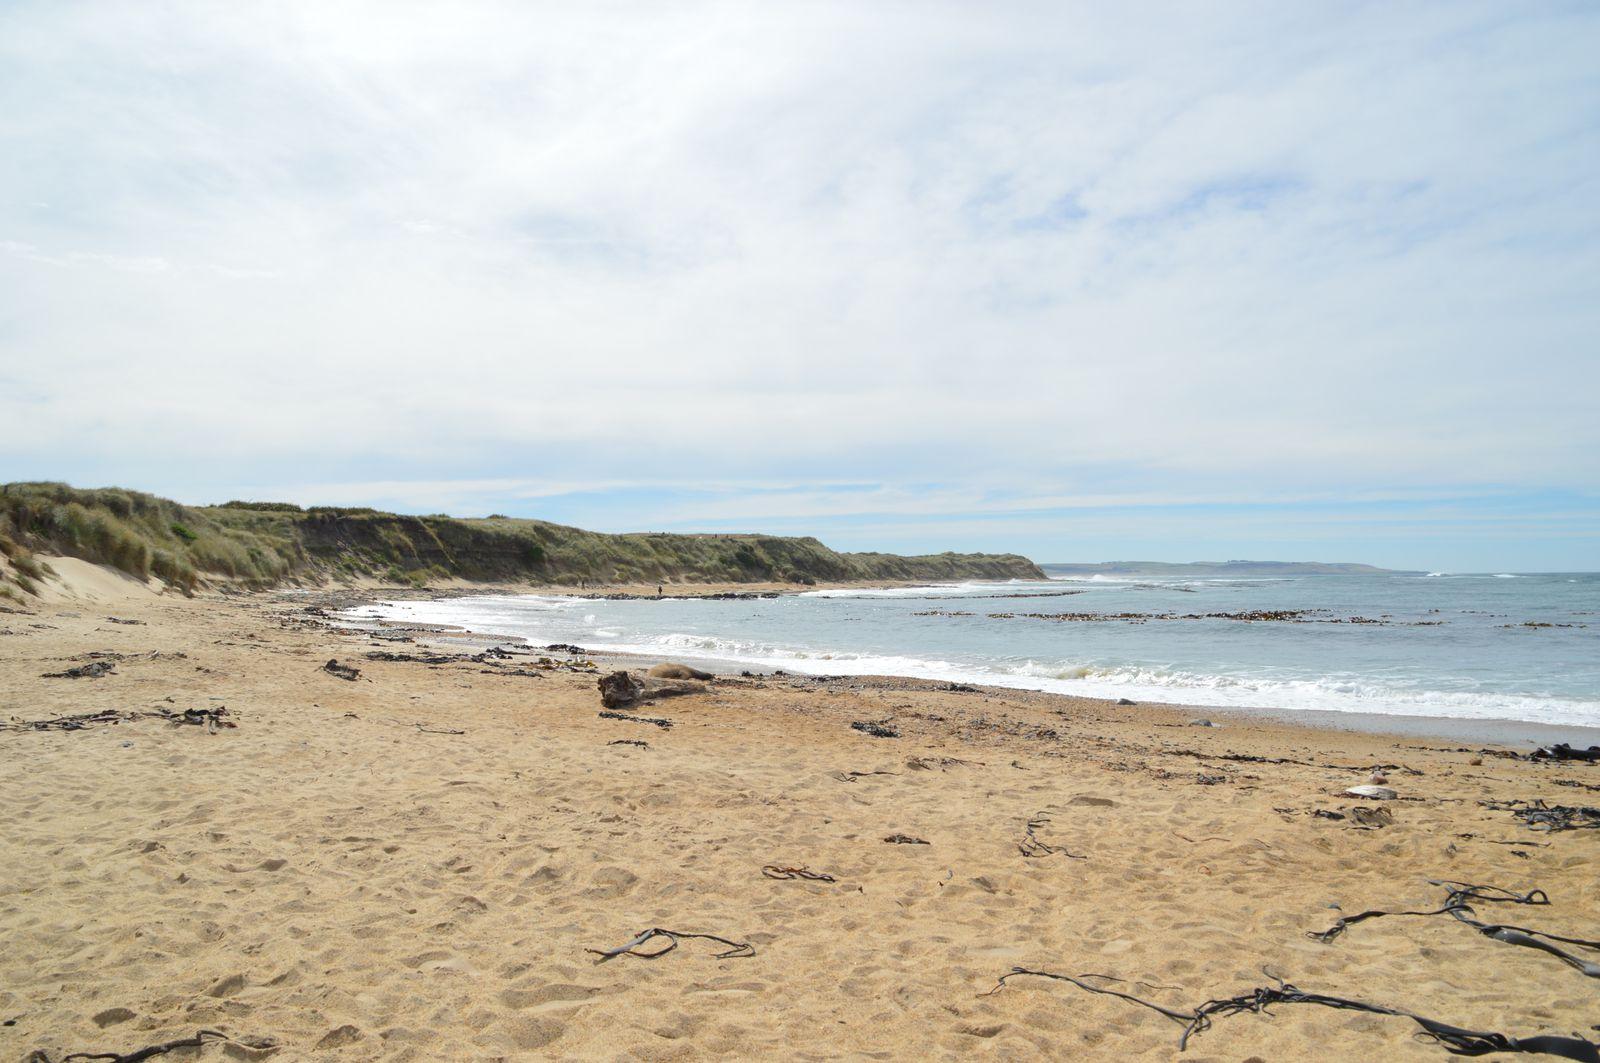 RTSI : Les Catlins, Dunedin et l'extrême Sud : phoques, manchots et côtes battues par les vents